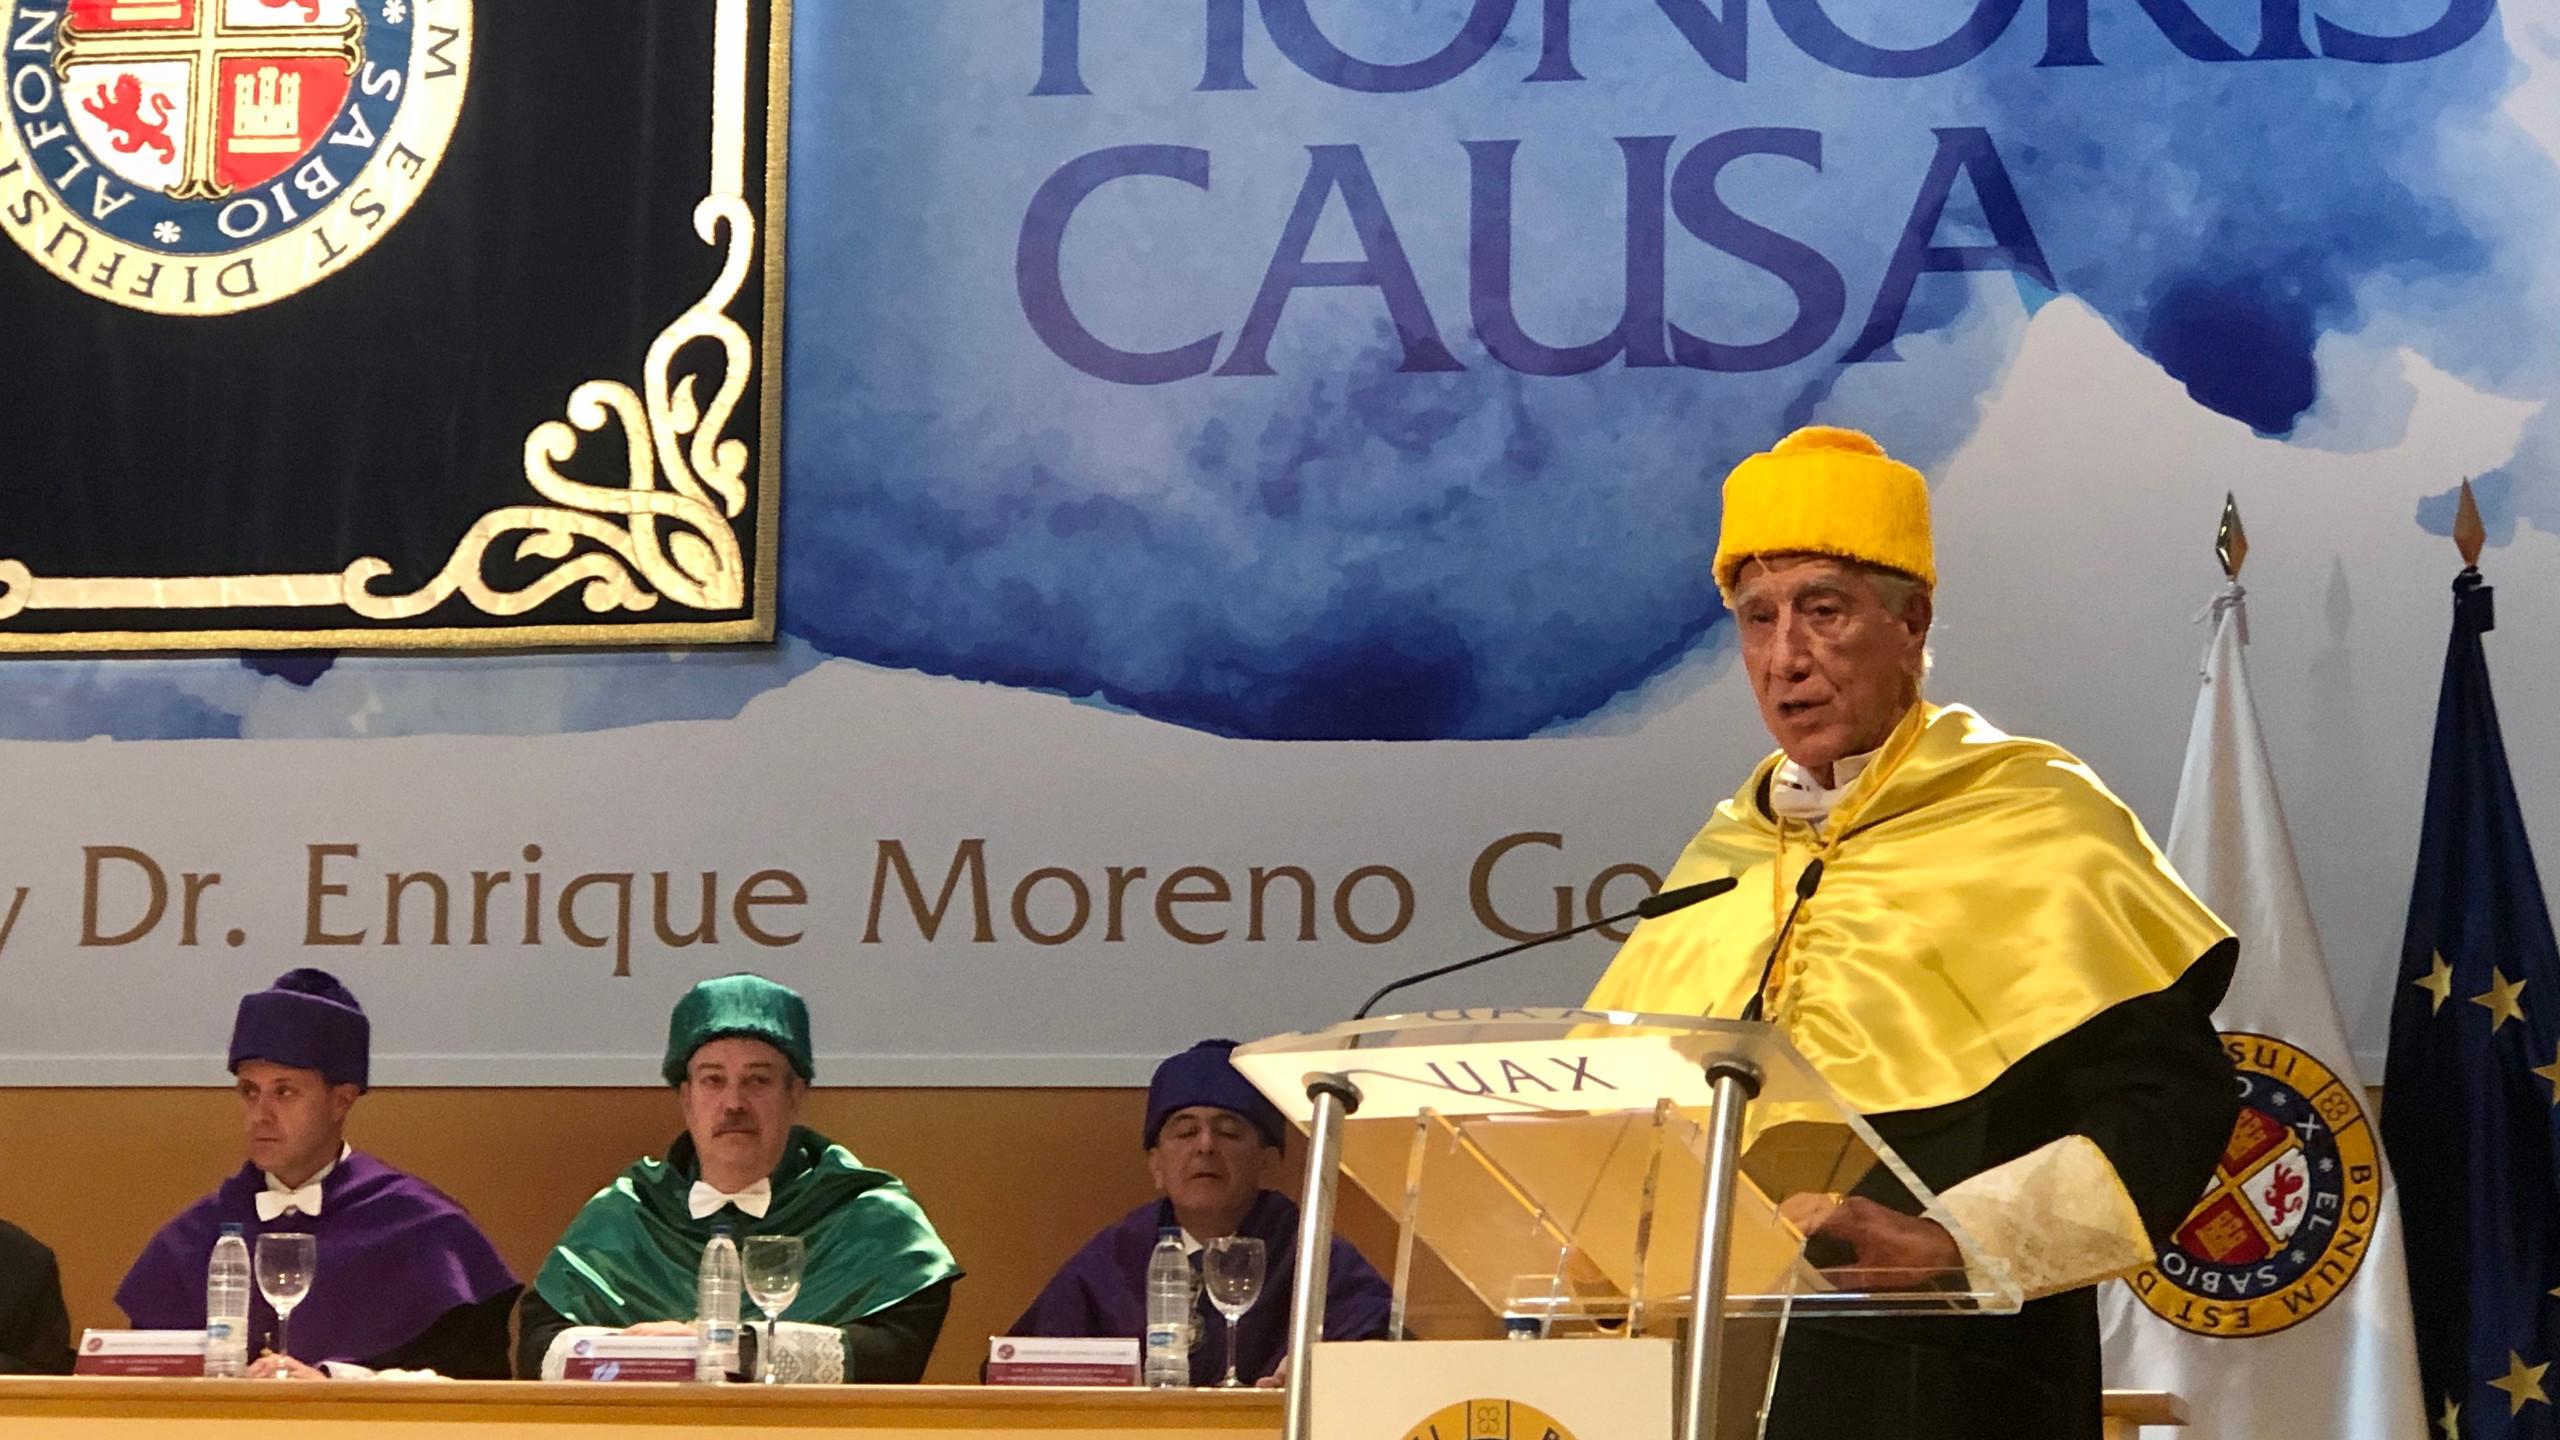 Discurso del Dr. Enrique Moreno